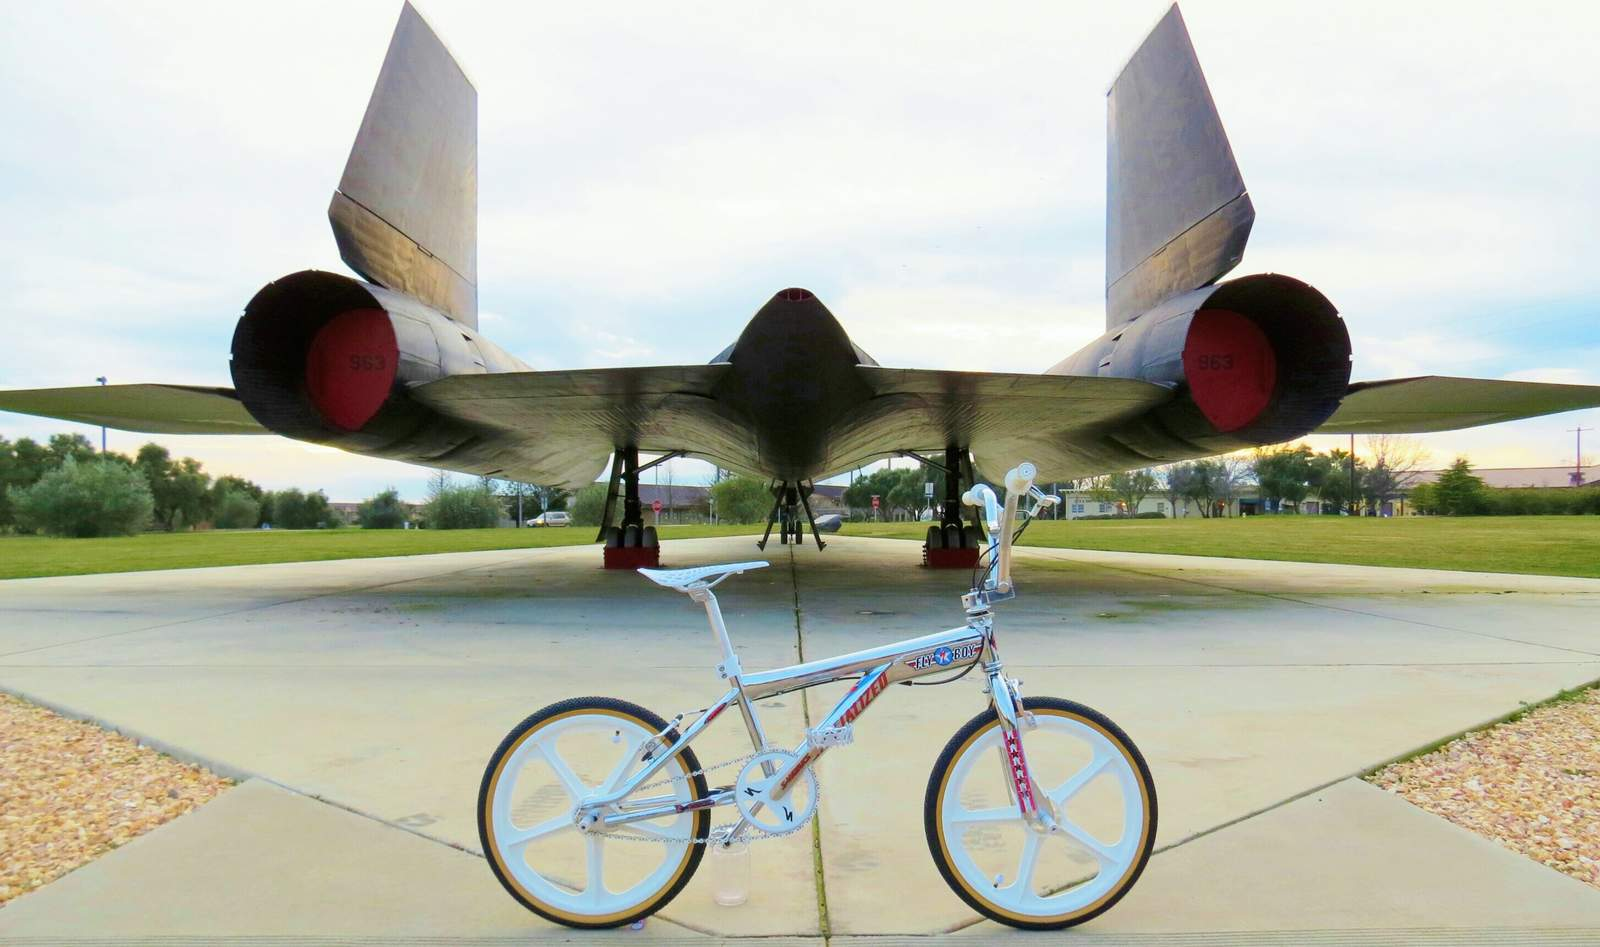 https://s3.amazonaws.com/uploads.bmxmuseum.com/user-images/97397/06m-flyboy-close-up589ae4c6c7.jpg